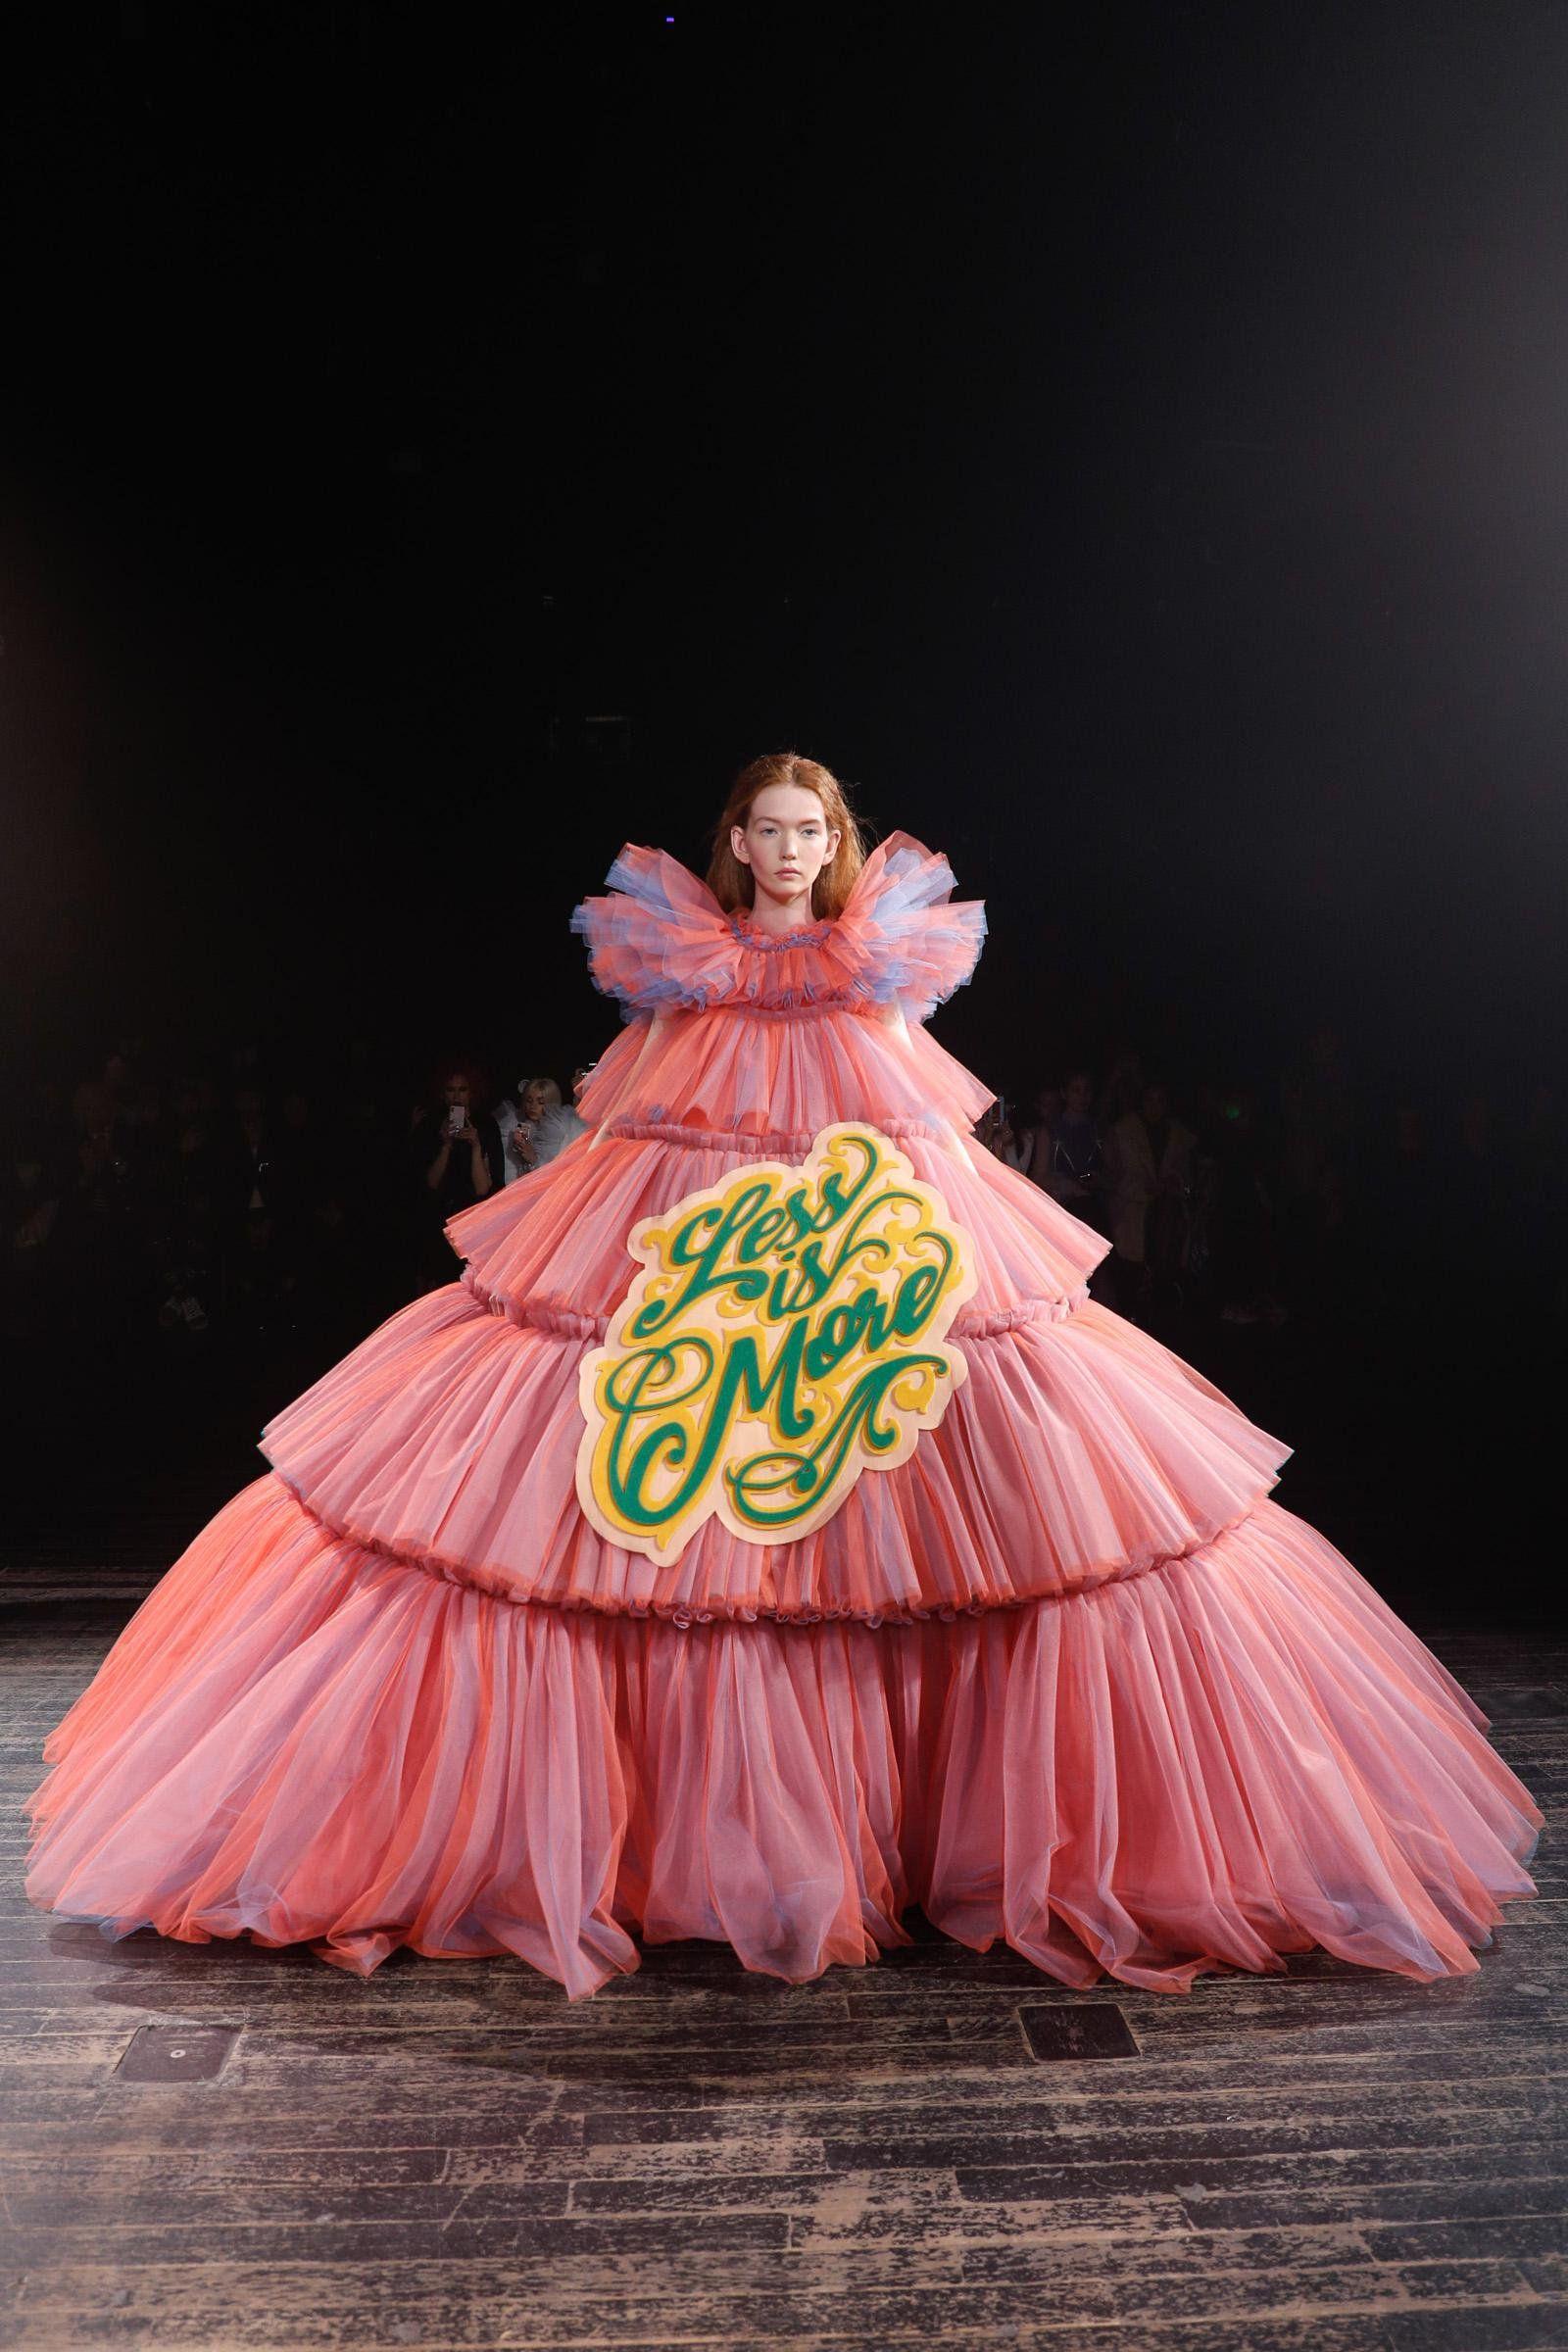 Ангельские платья с дерзкими слоганами: концептуальная коллекция весна-лето 2019 от Viktor & Rolf